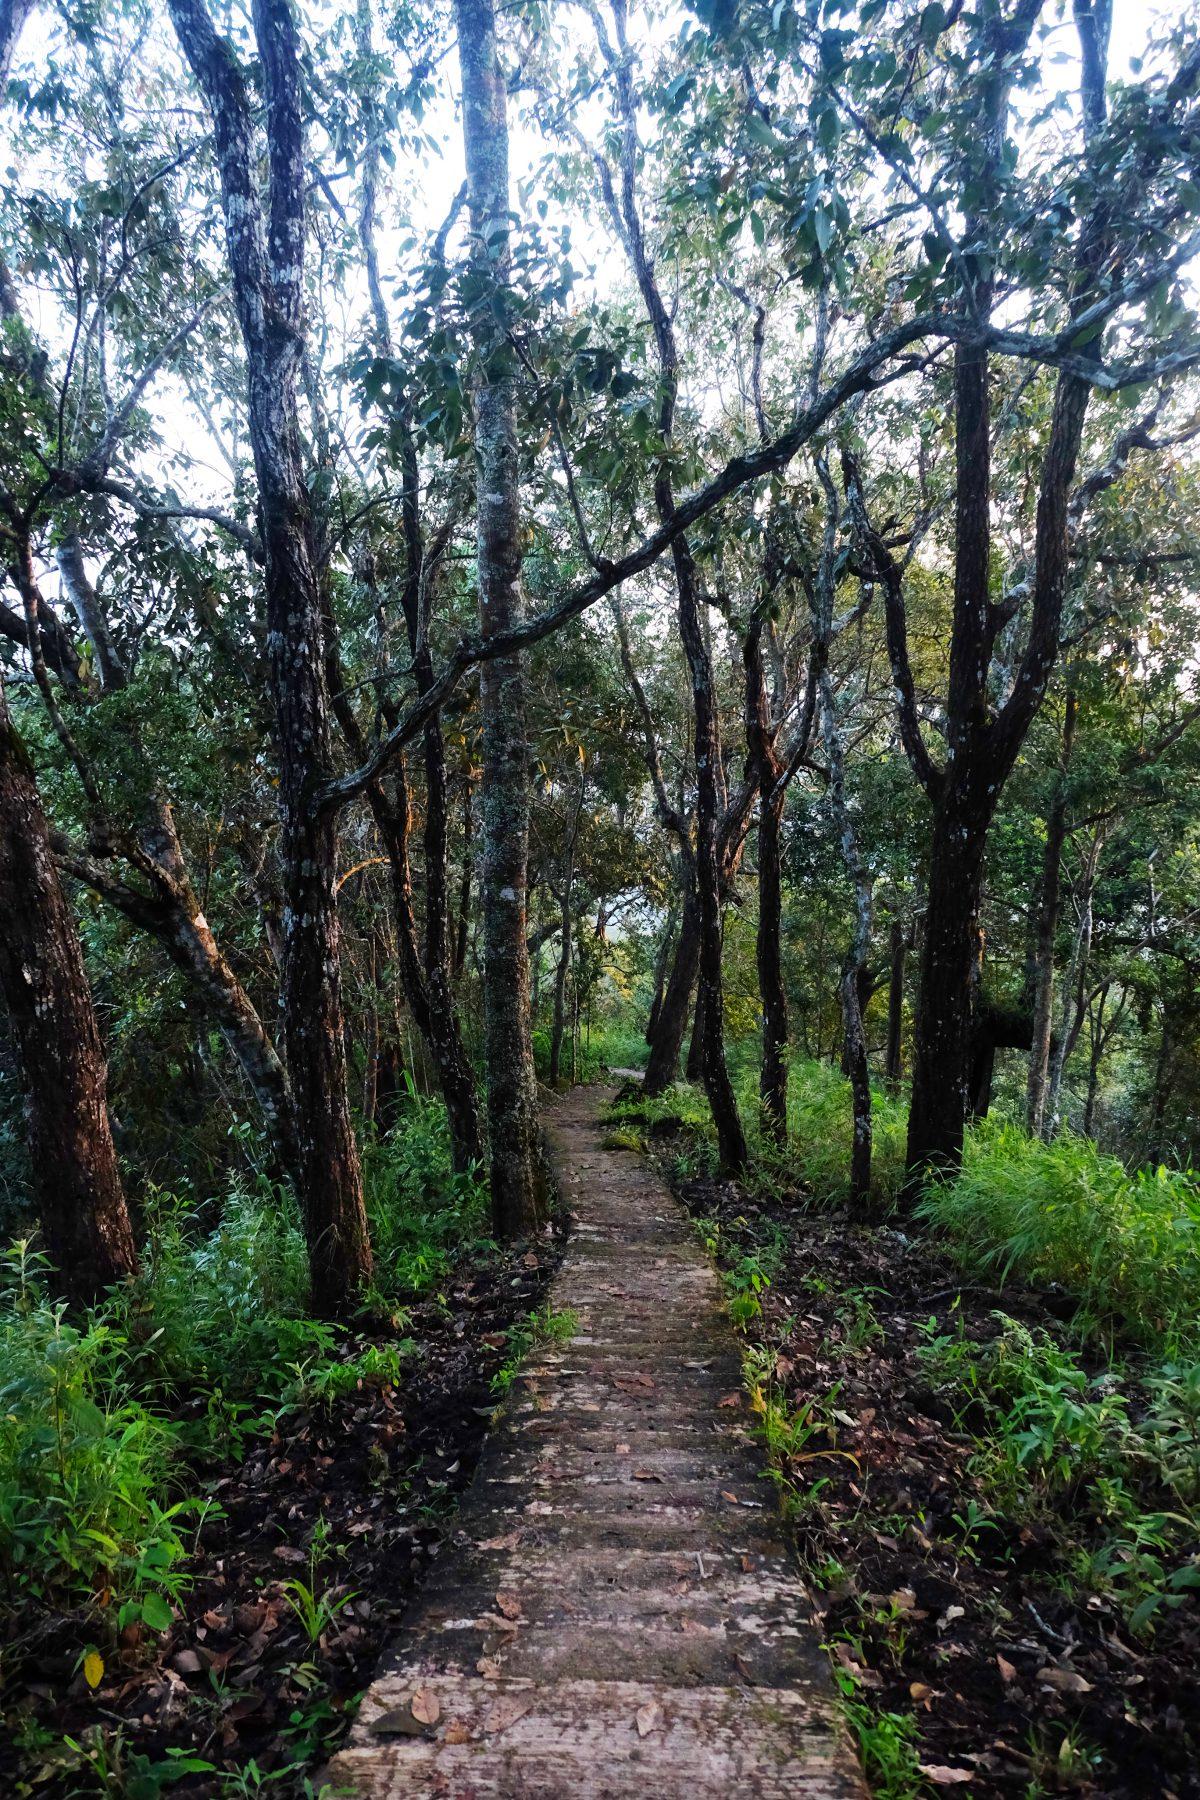 ดอยขุนตาล,อุทยานแห่งชาติดอยขุนตาล, เดินป่า